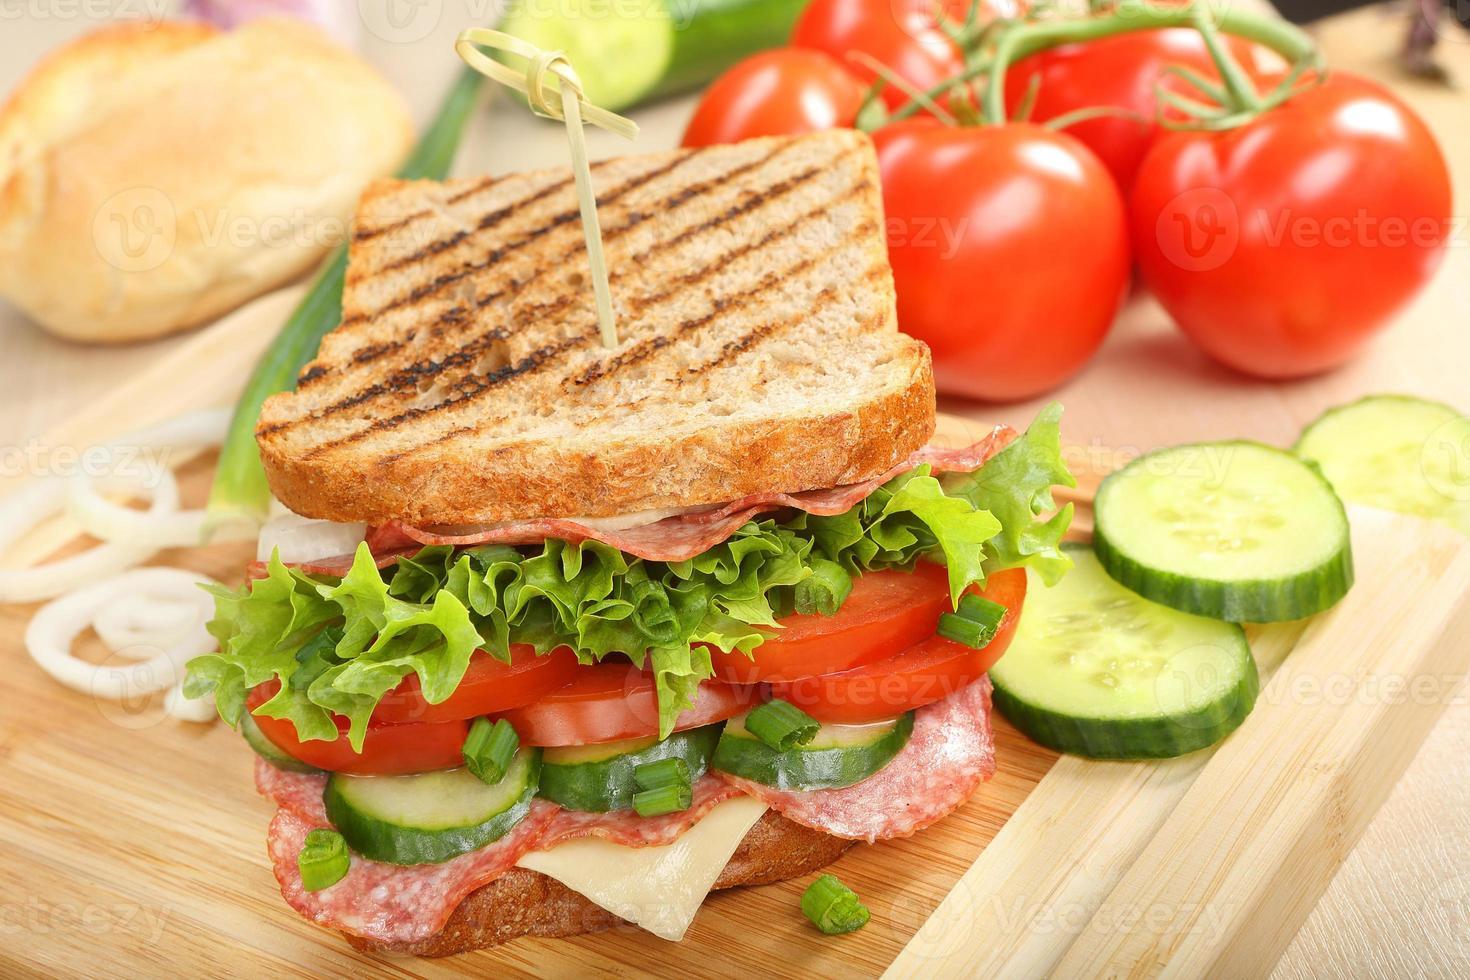 sanduíche com queijo e salame em fundo madeira foto